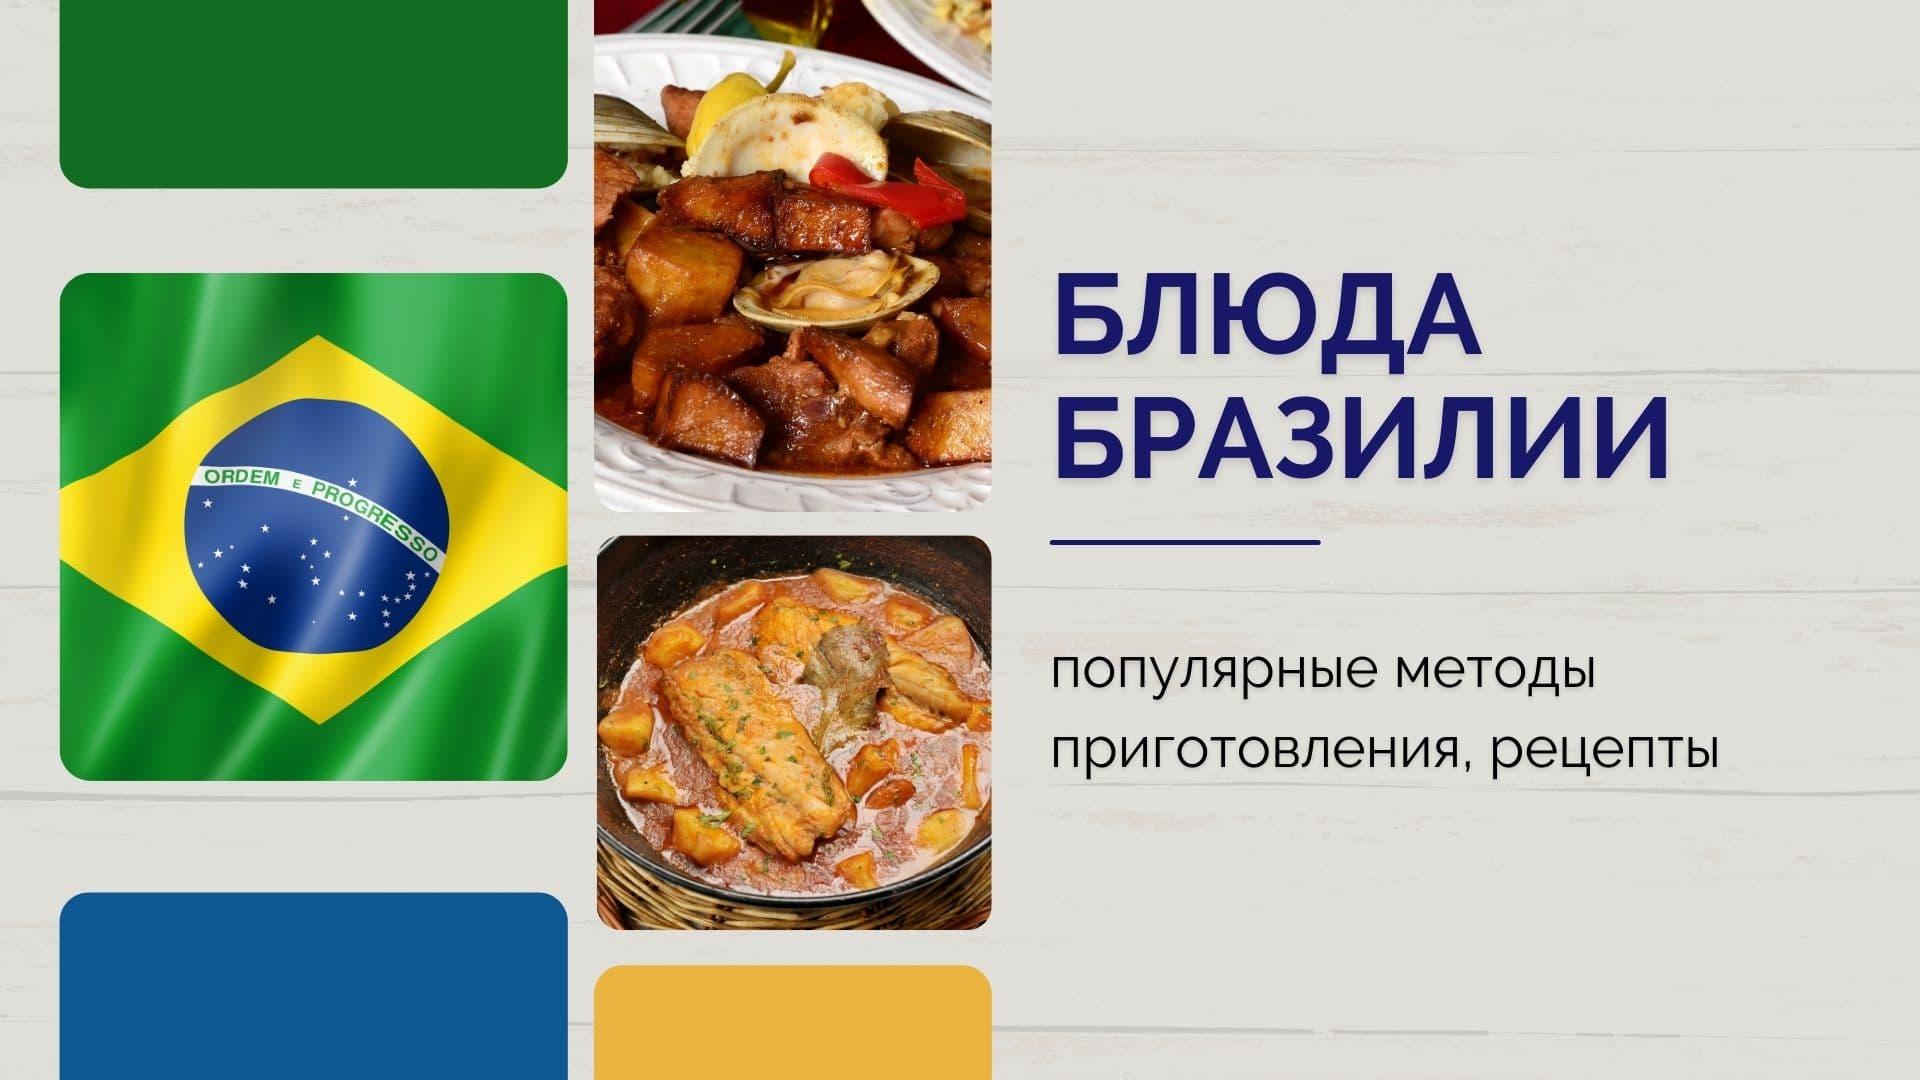 Блюда Бразилии: популярные методы приготовления, рецепты